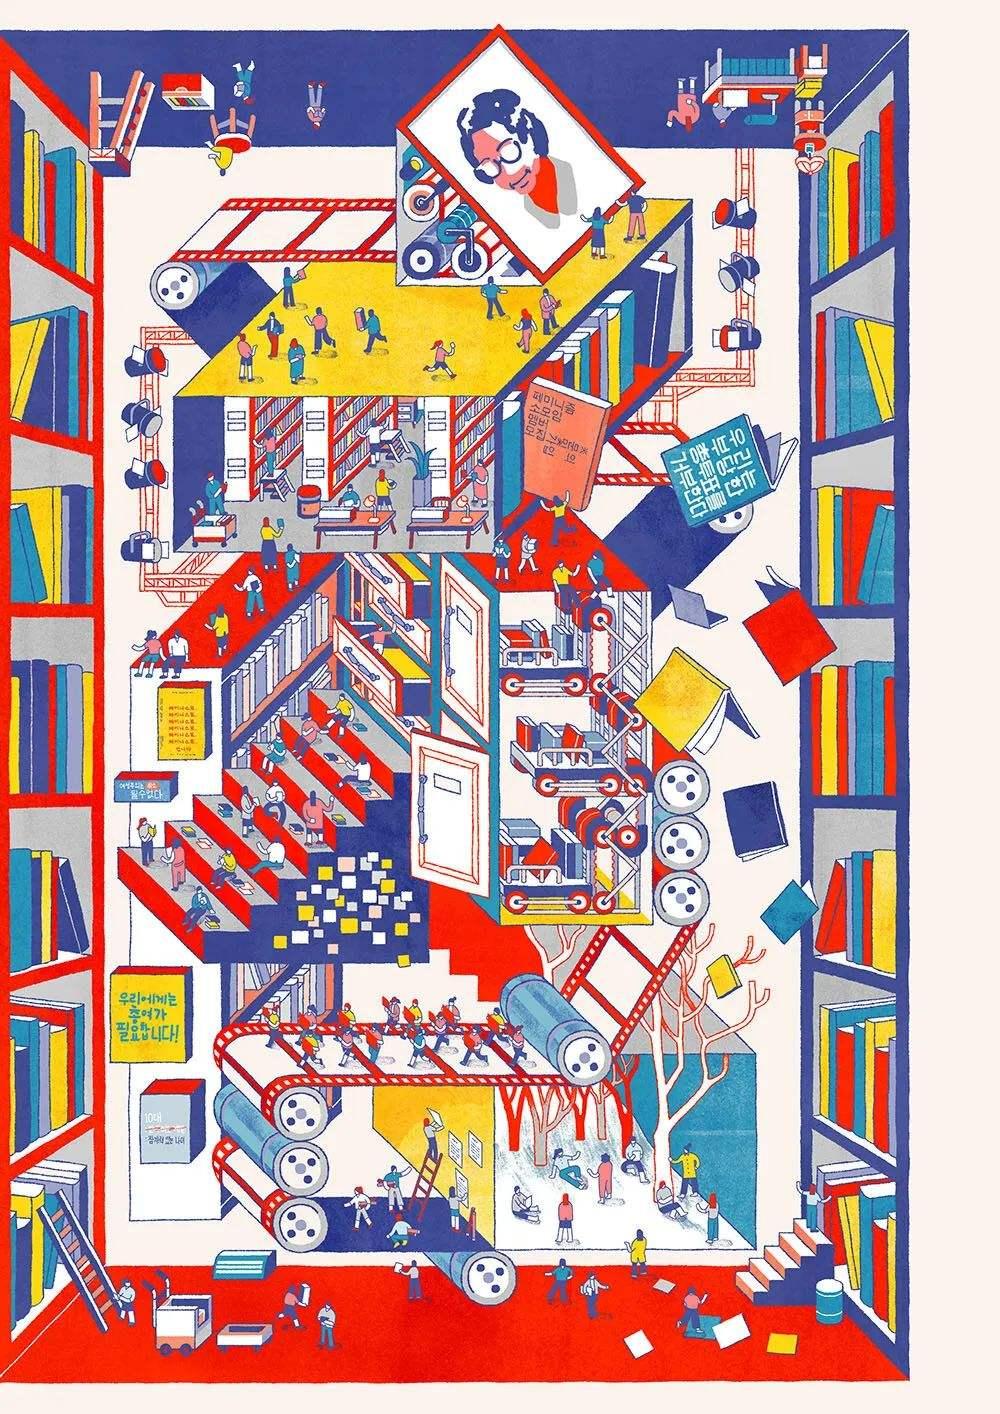 赏析 | Jisu Choi 的个性插画,色彩线条细节丰富 飞特网 插画设计